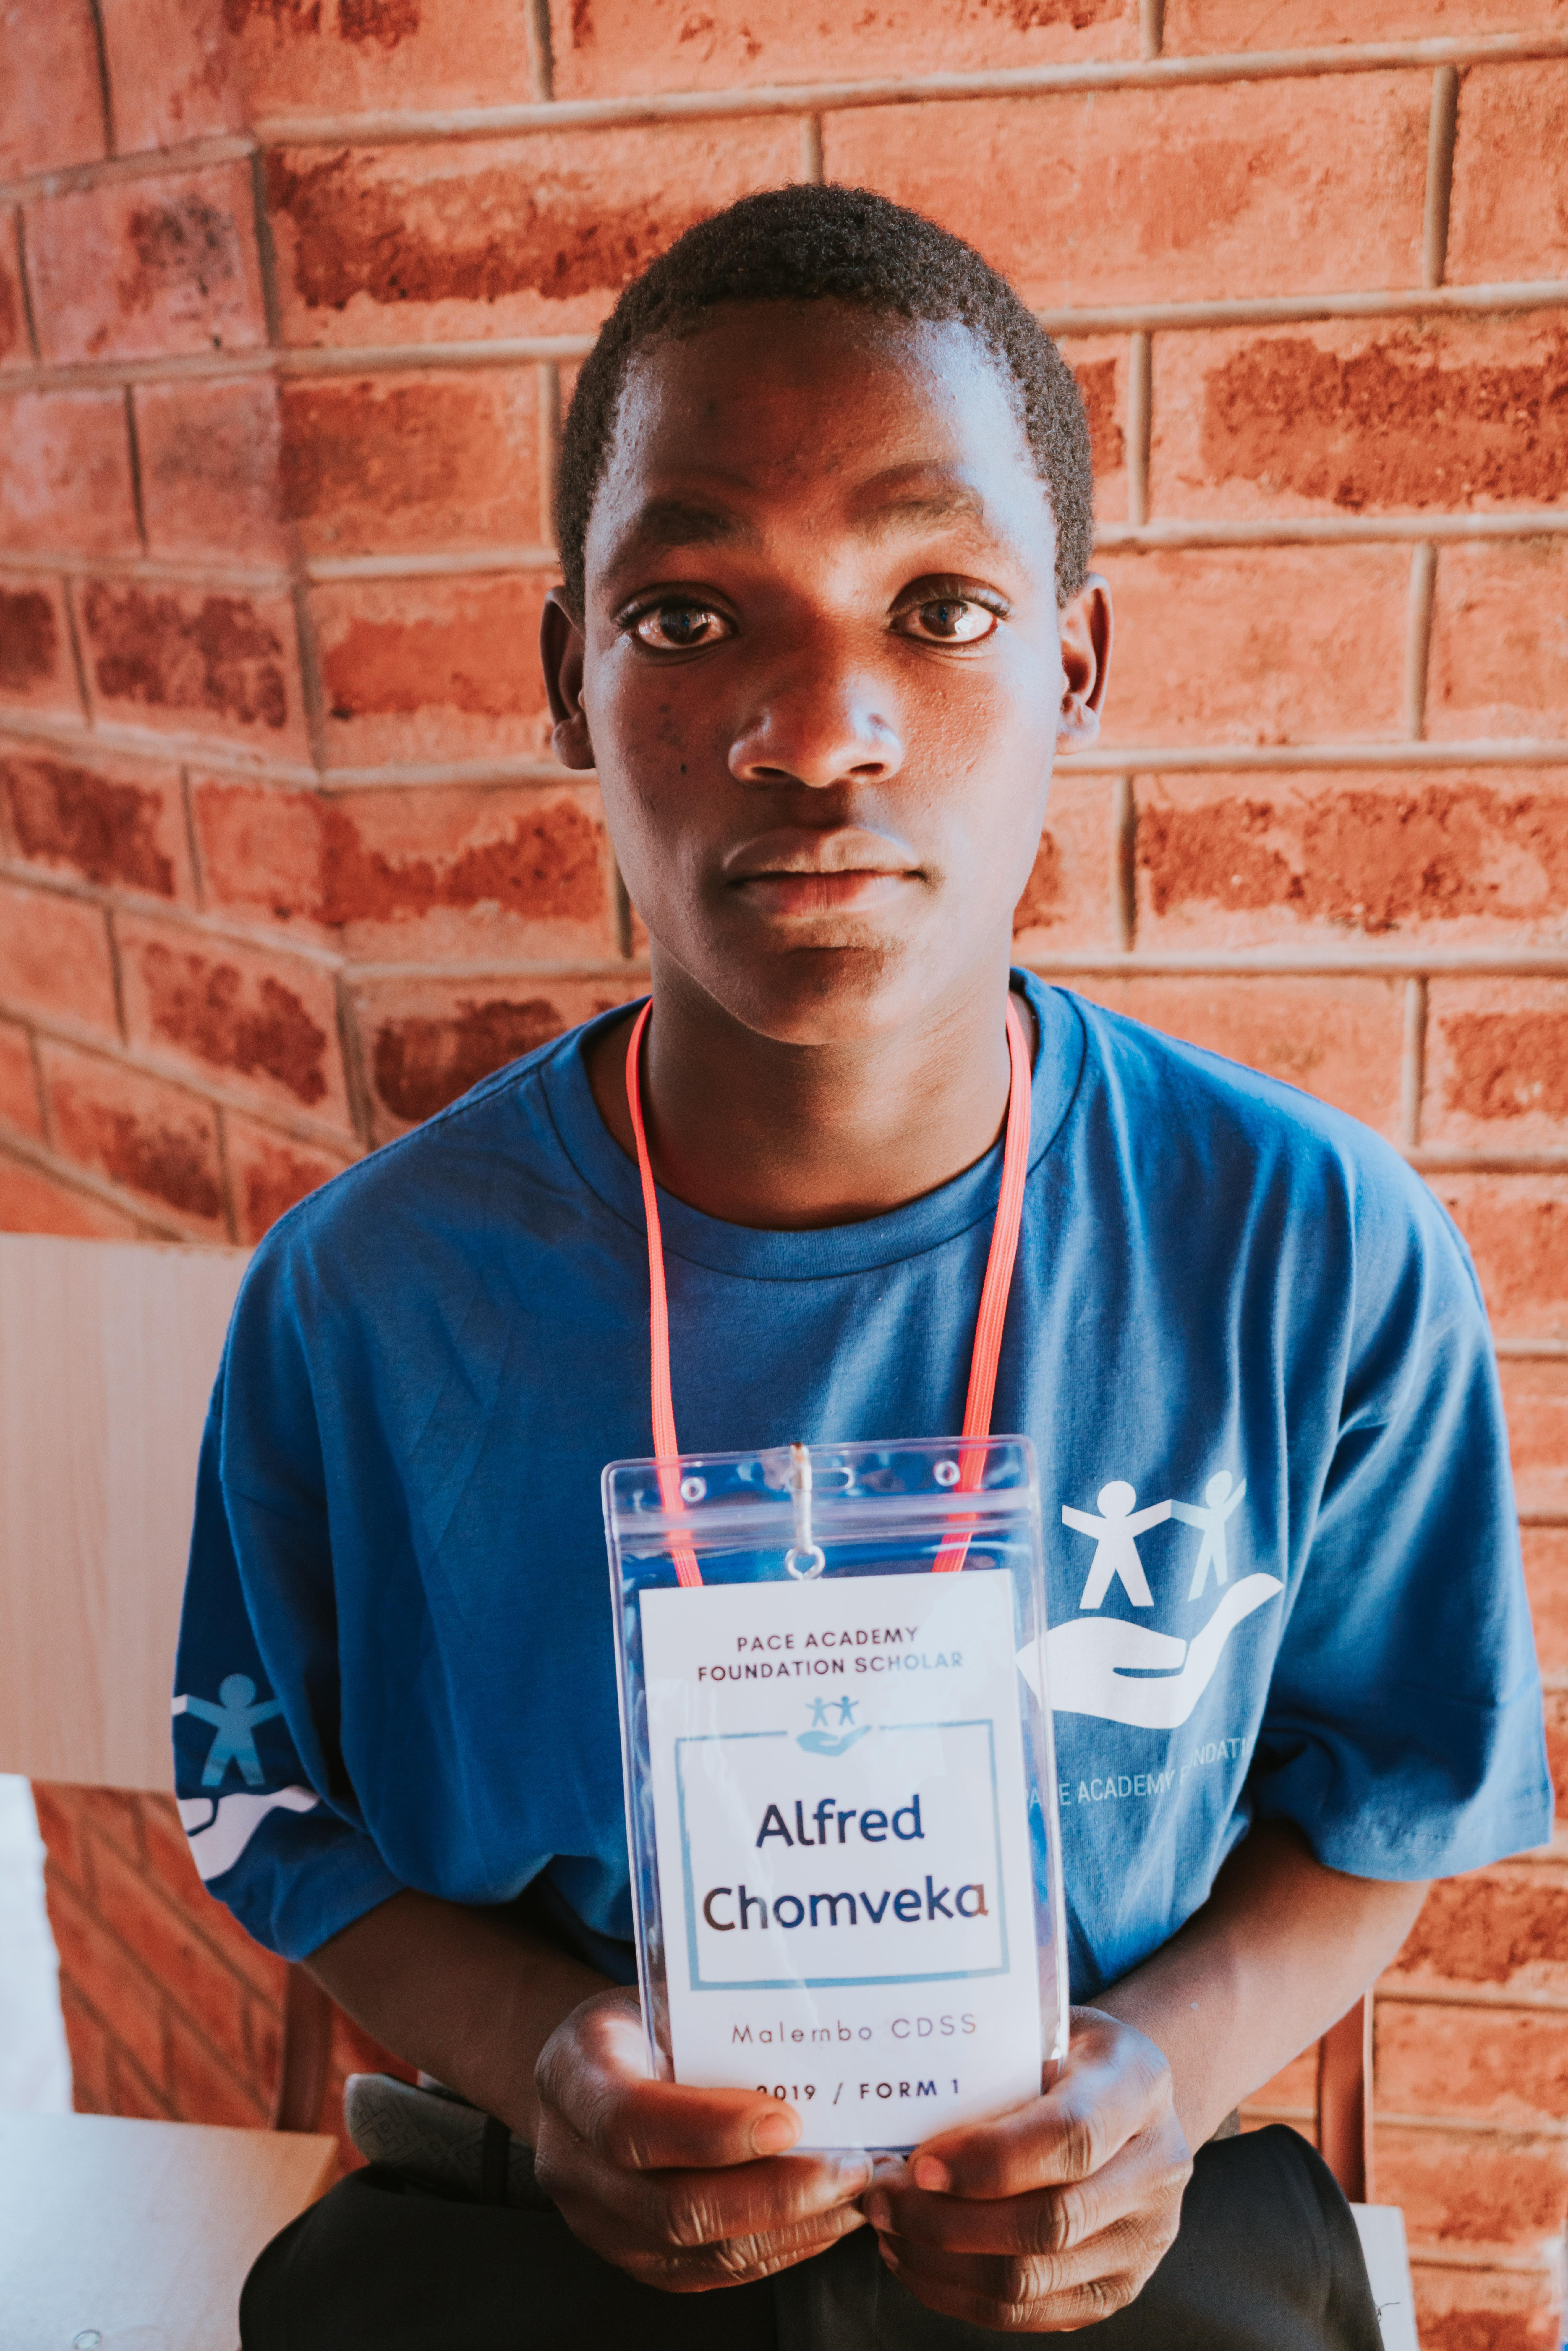 Alfred Chomveka (Malembo CDSS)